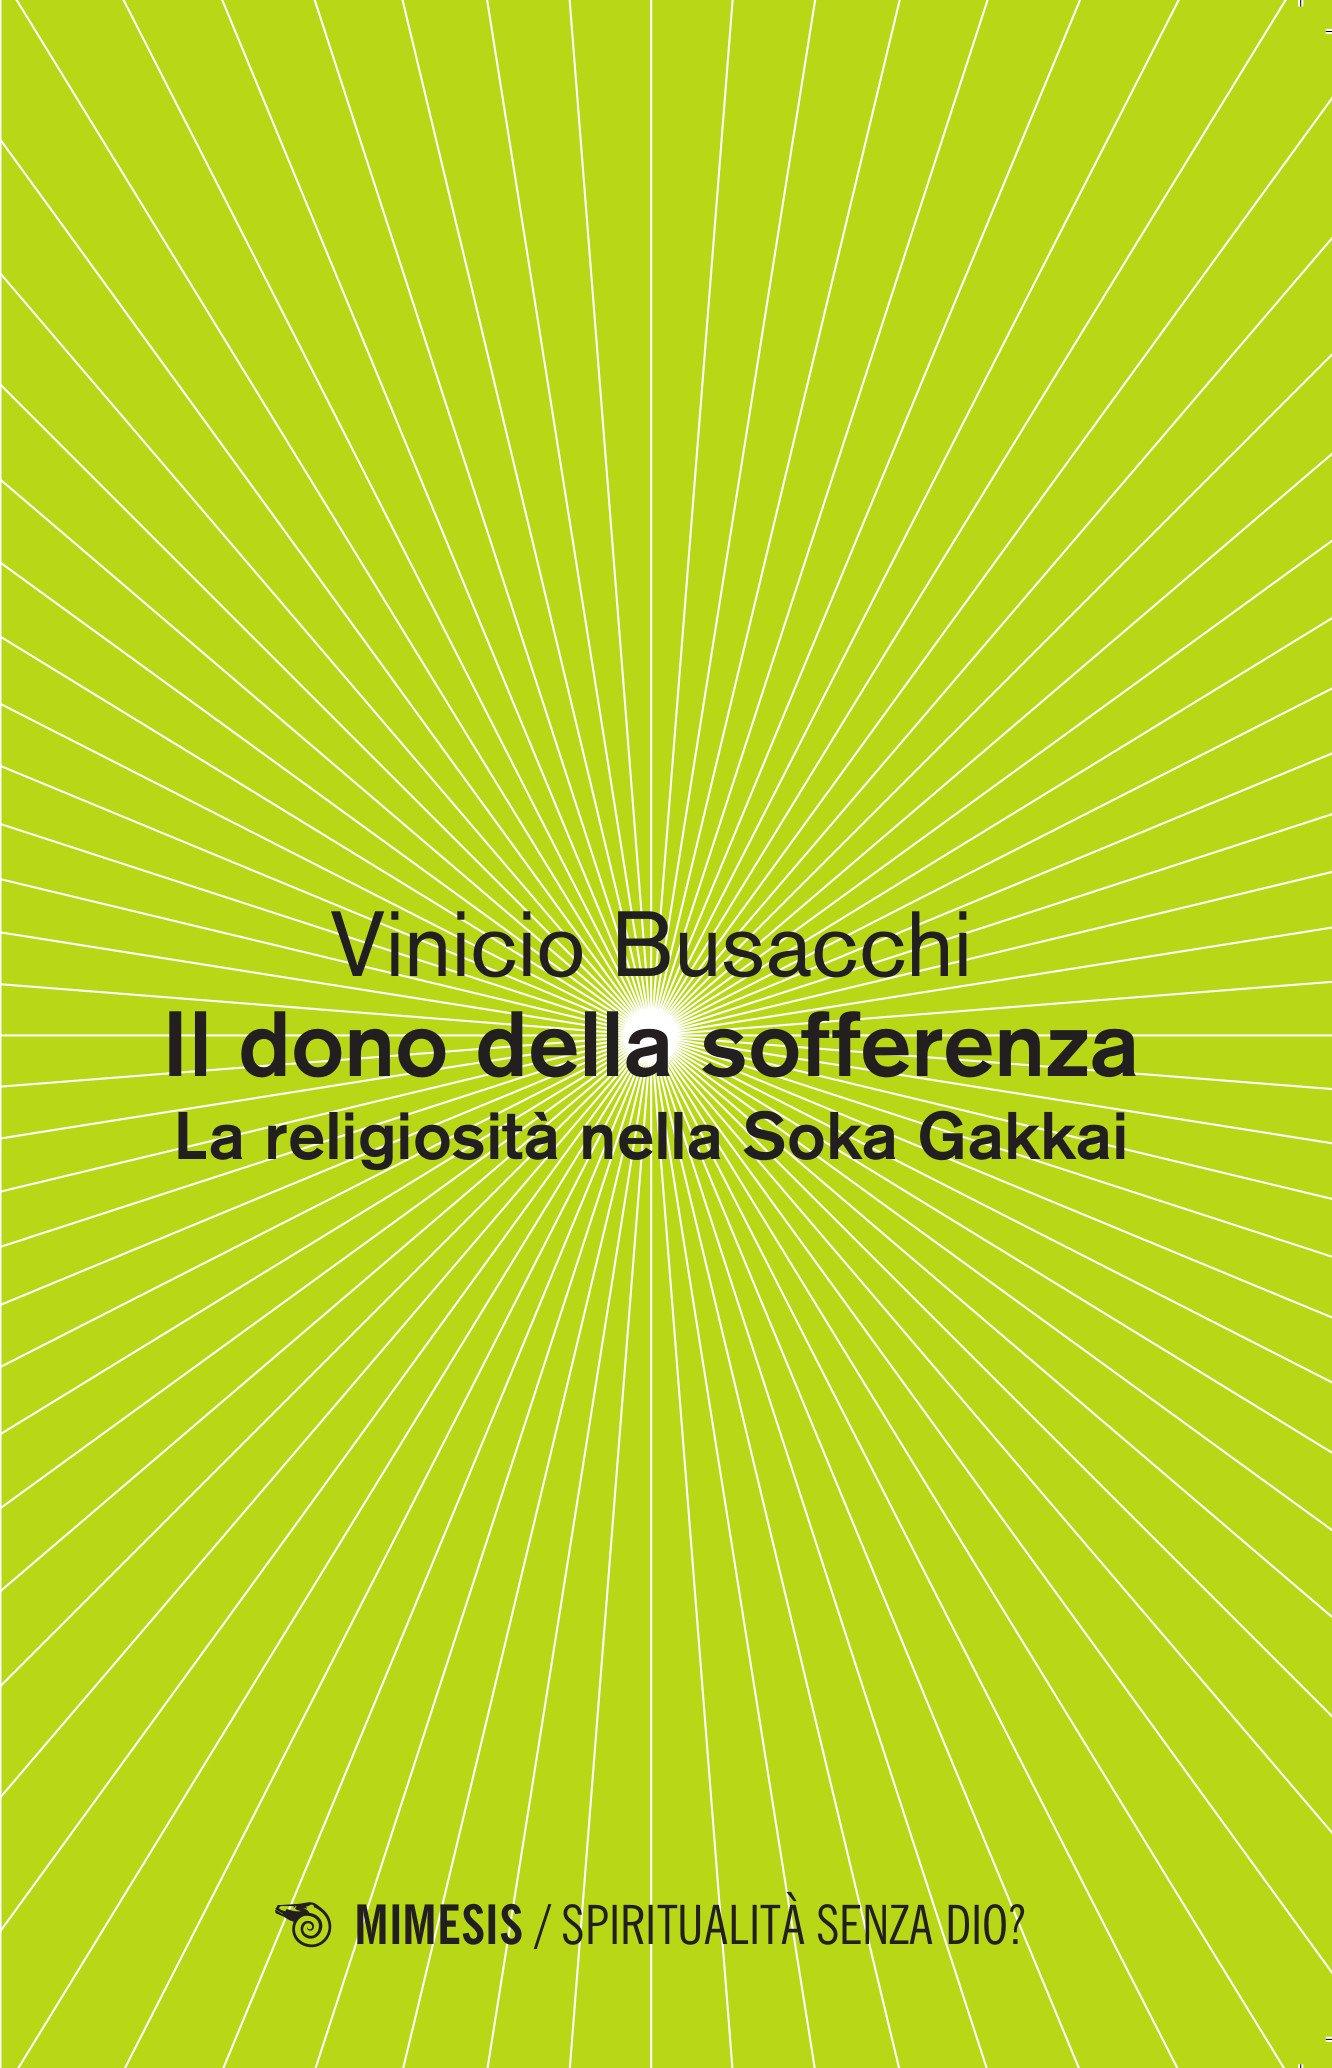 Il dono della sofferenza. La religiosità nella Soka Gakkai Copertina flessibile – 27 ago 2015 Vinicio Busacchi Mimesis 8857529665 Saggistica